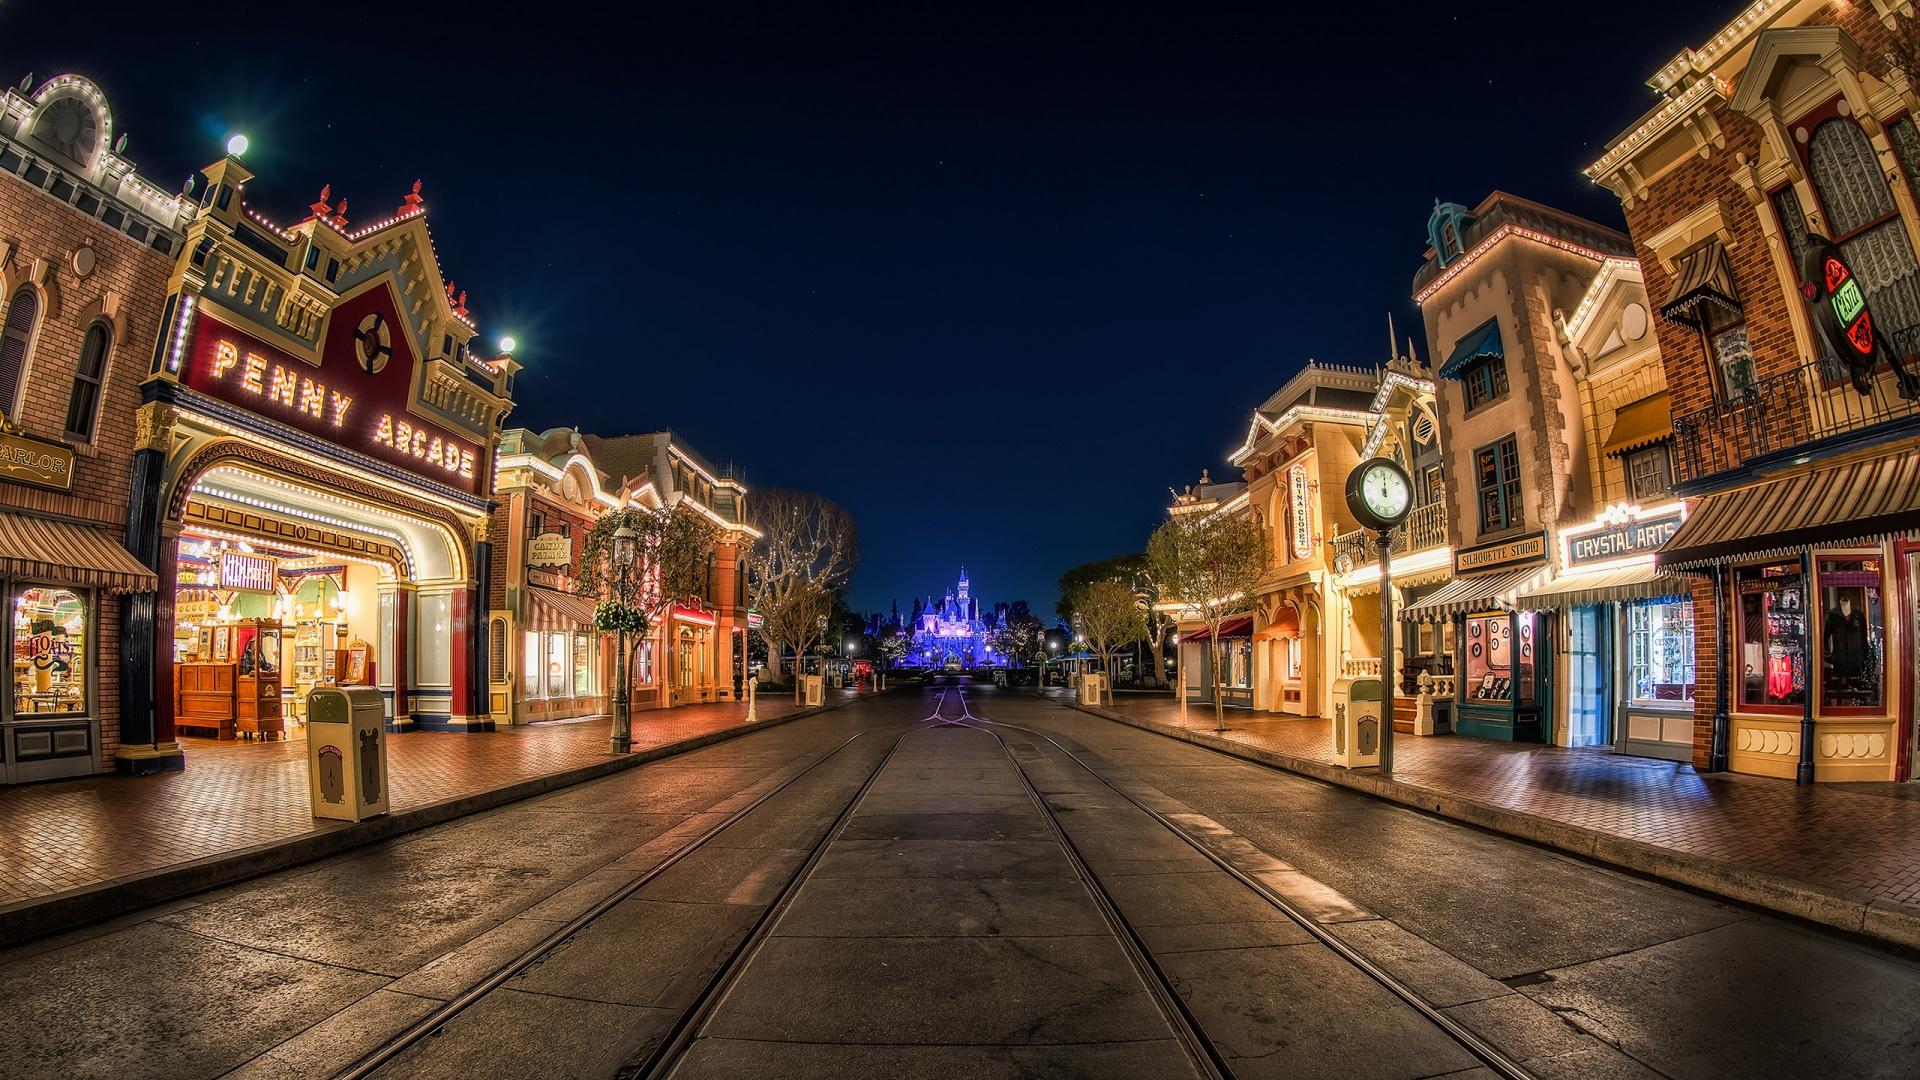 Harry Potter Wallpapers Hd For Desktop Disneyland Hd Wallpapers Pixelstalk Net